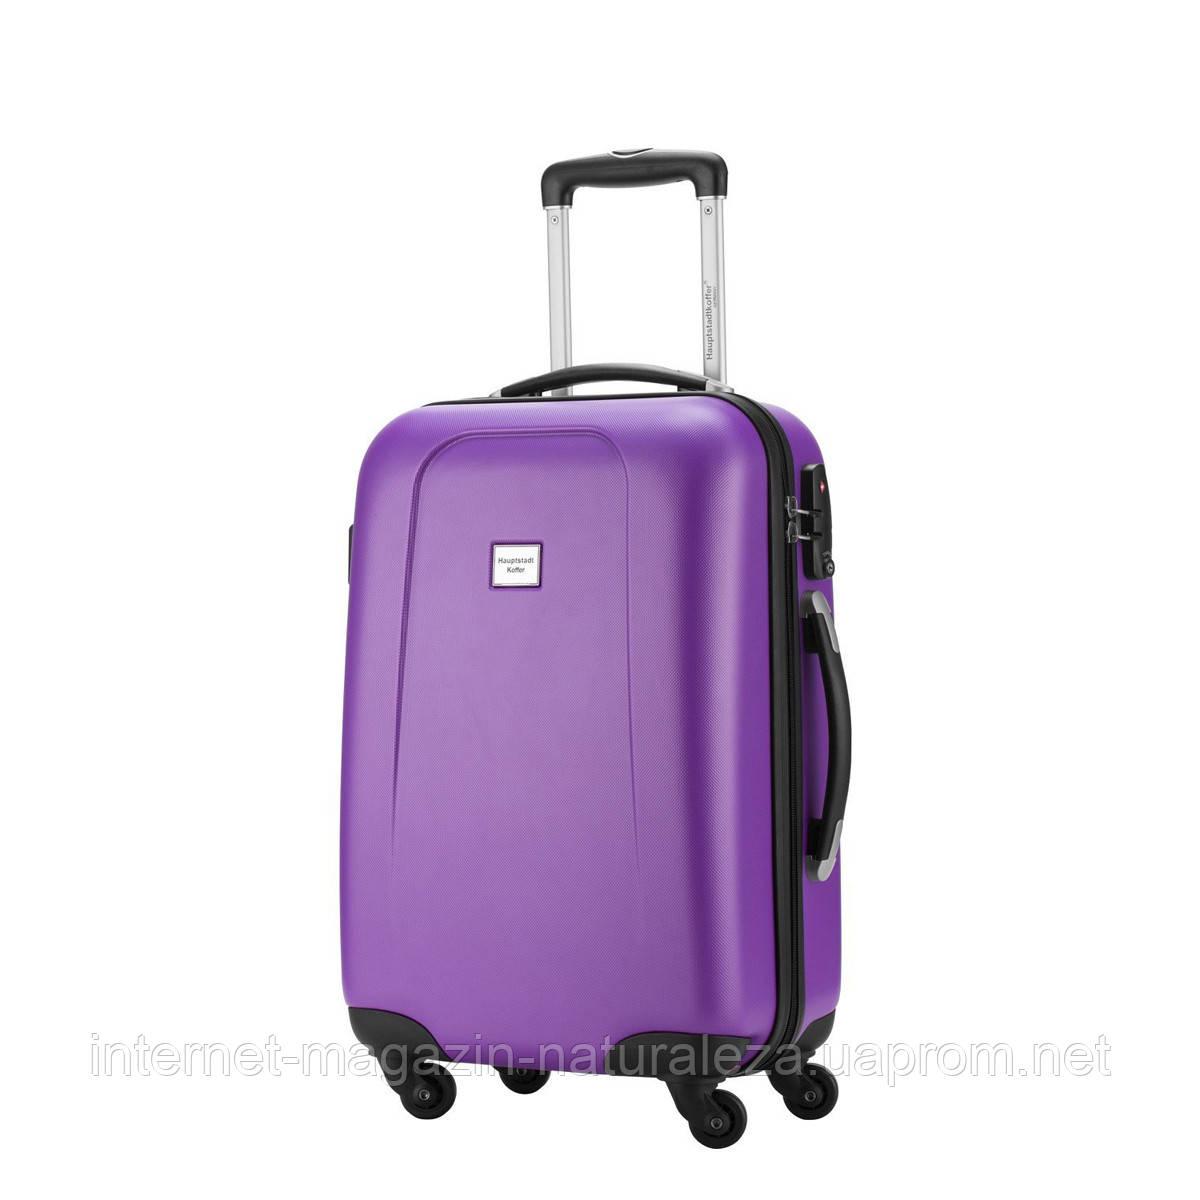 Валізу на колесах Hauptstadtkoffer Wedding Mini фіолетовий